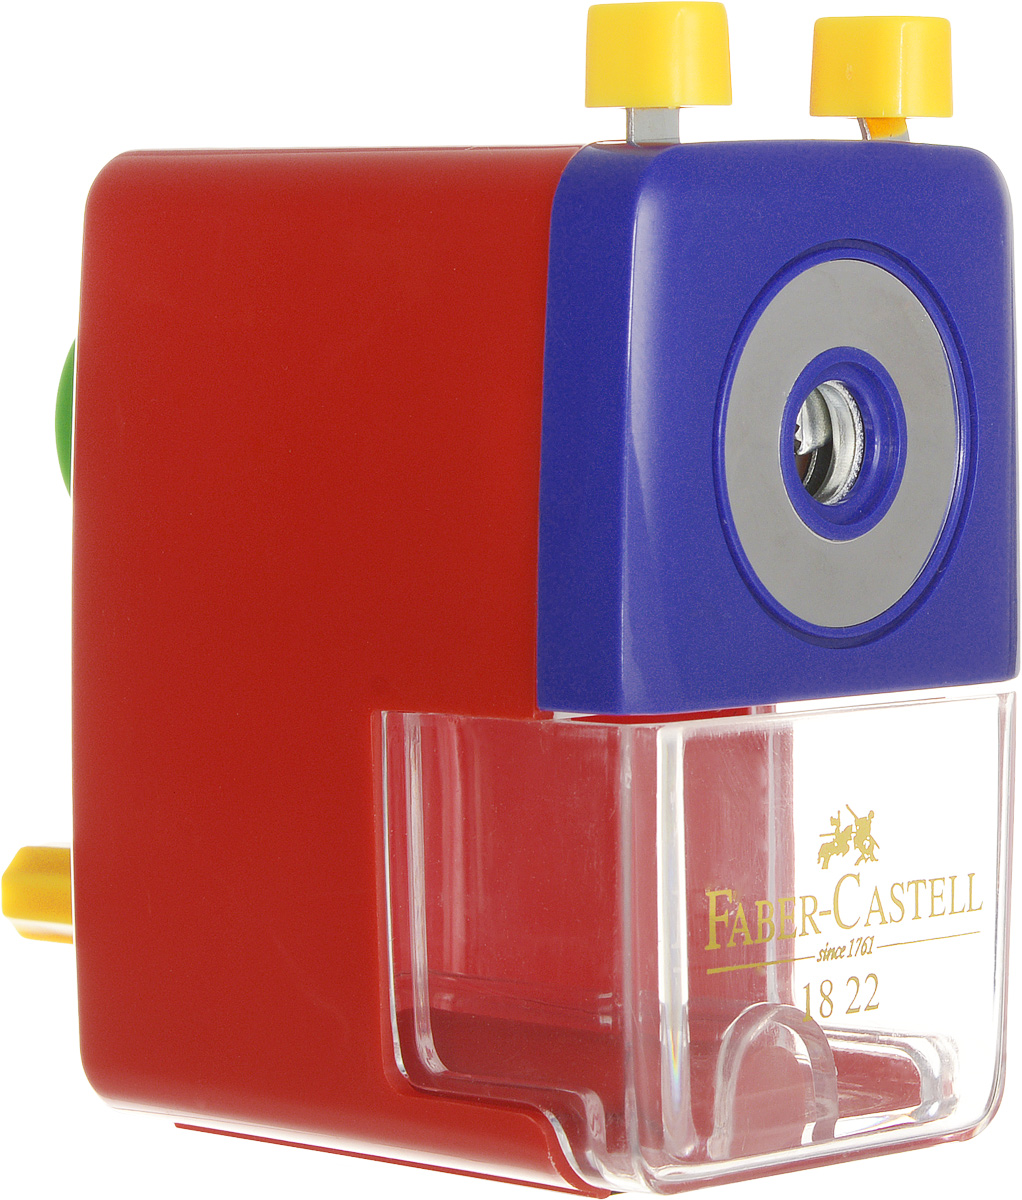 Faber-Castell Точилка настольная цвет красныйFS-36054Настольная точилка Faber-Castell предназначена для круглых, шестигранных, трехгранных и цветных карандашей.Изделиеимеет прочное спиральное лезвие, предназначенное для максимально острой заточки карандашей. Точилка оснащена прозрачным контейнером для стружек и специальным зажимом для крепления к столу. Подходит для карандашей диаметром до 8 мм.